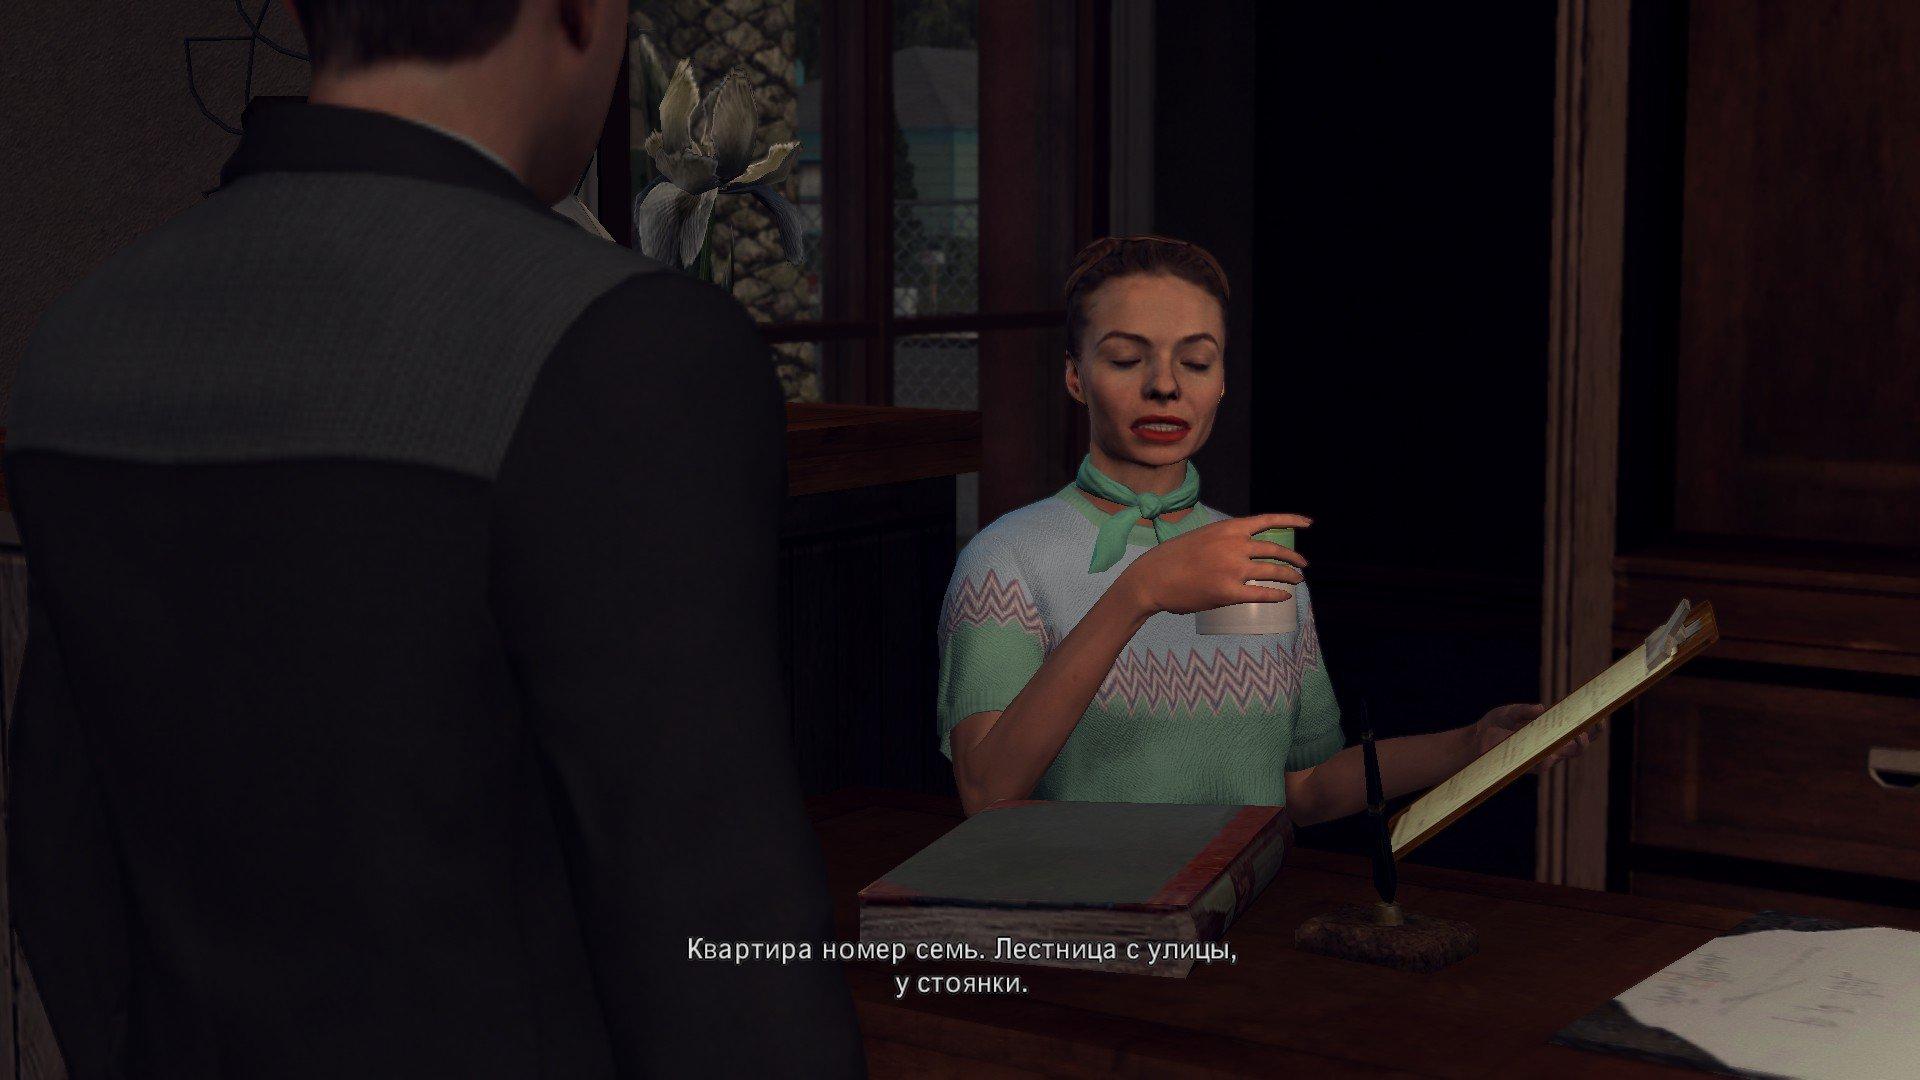 Пост-прохождение L.A. Noire Часть 16 - Изображение 31